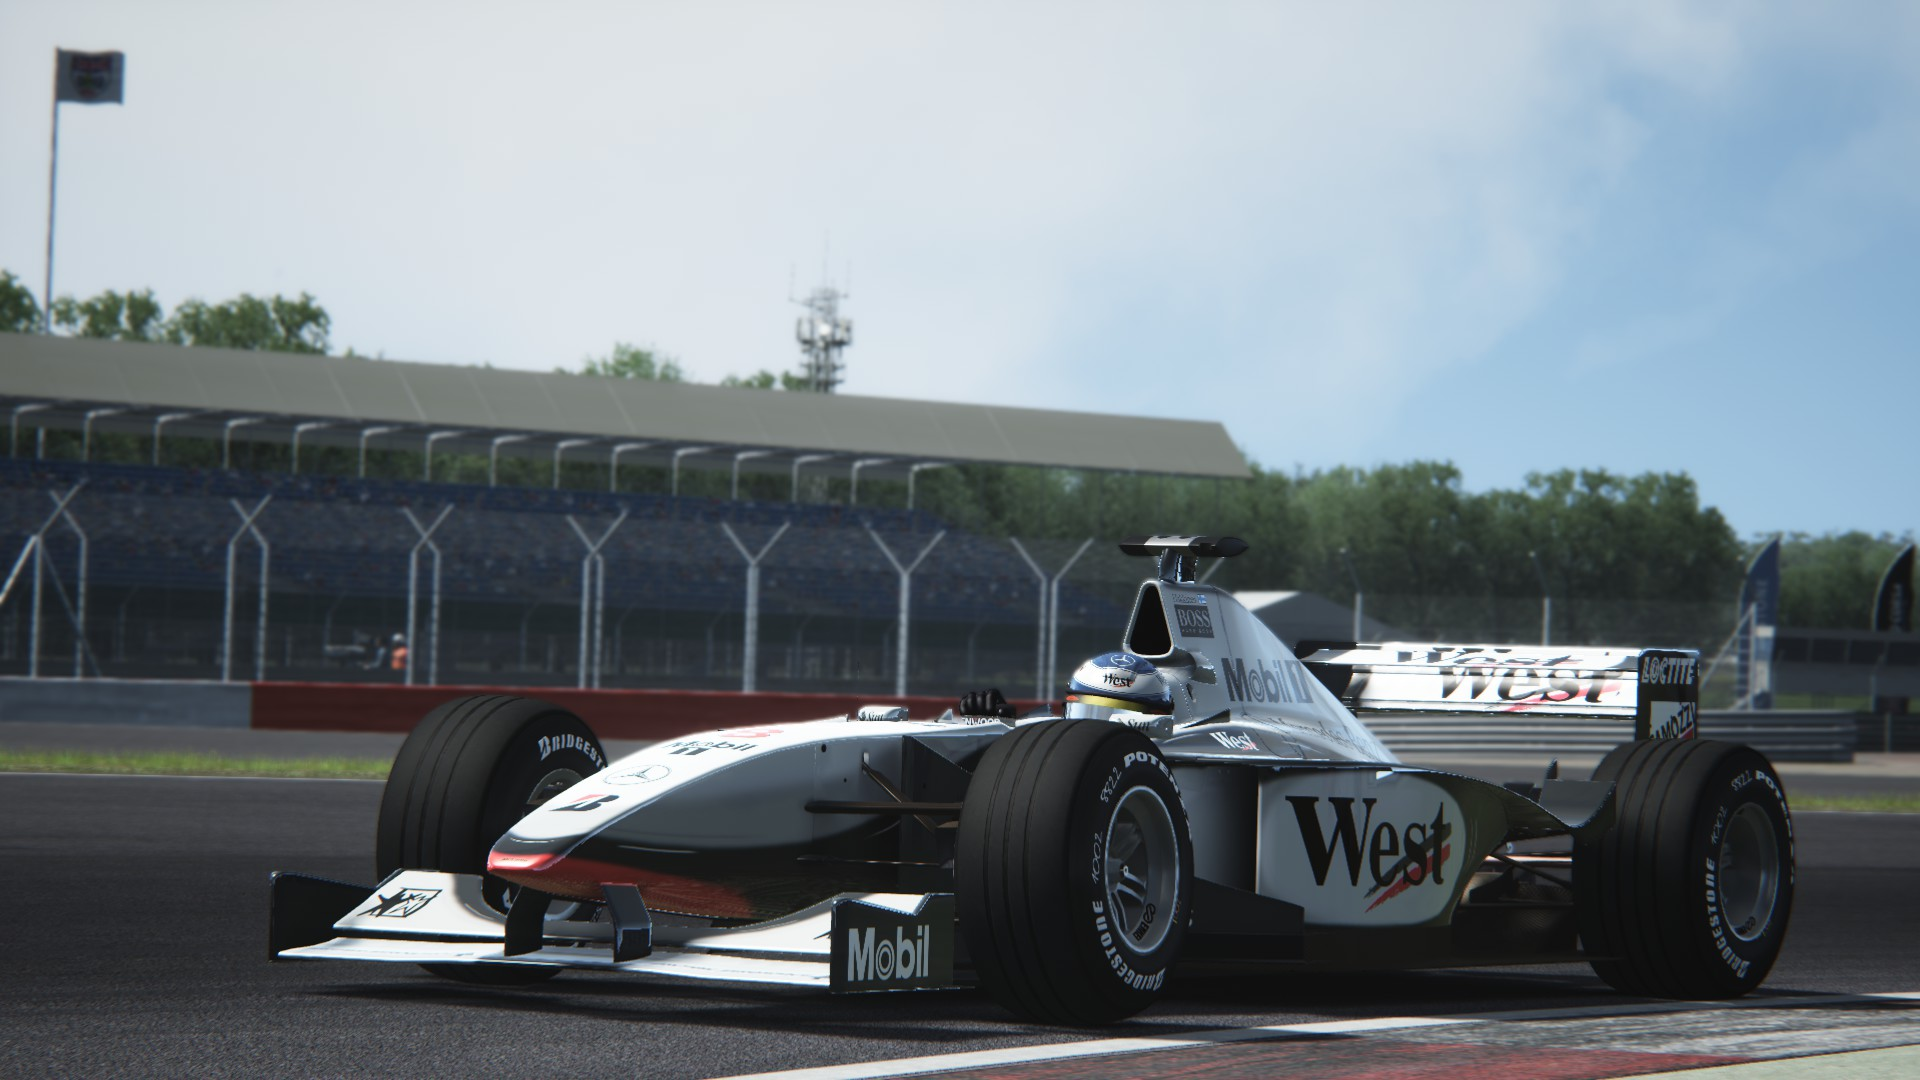 Assetto Corsa -  Mclaren mp4-13 by Virtua simulazioni Silverstone 03